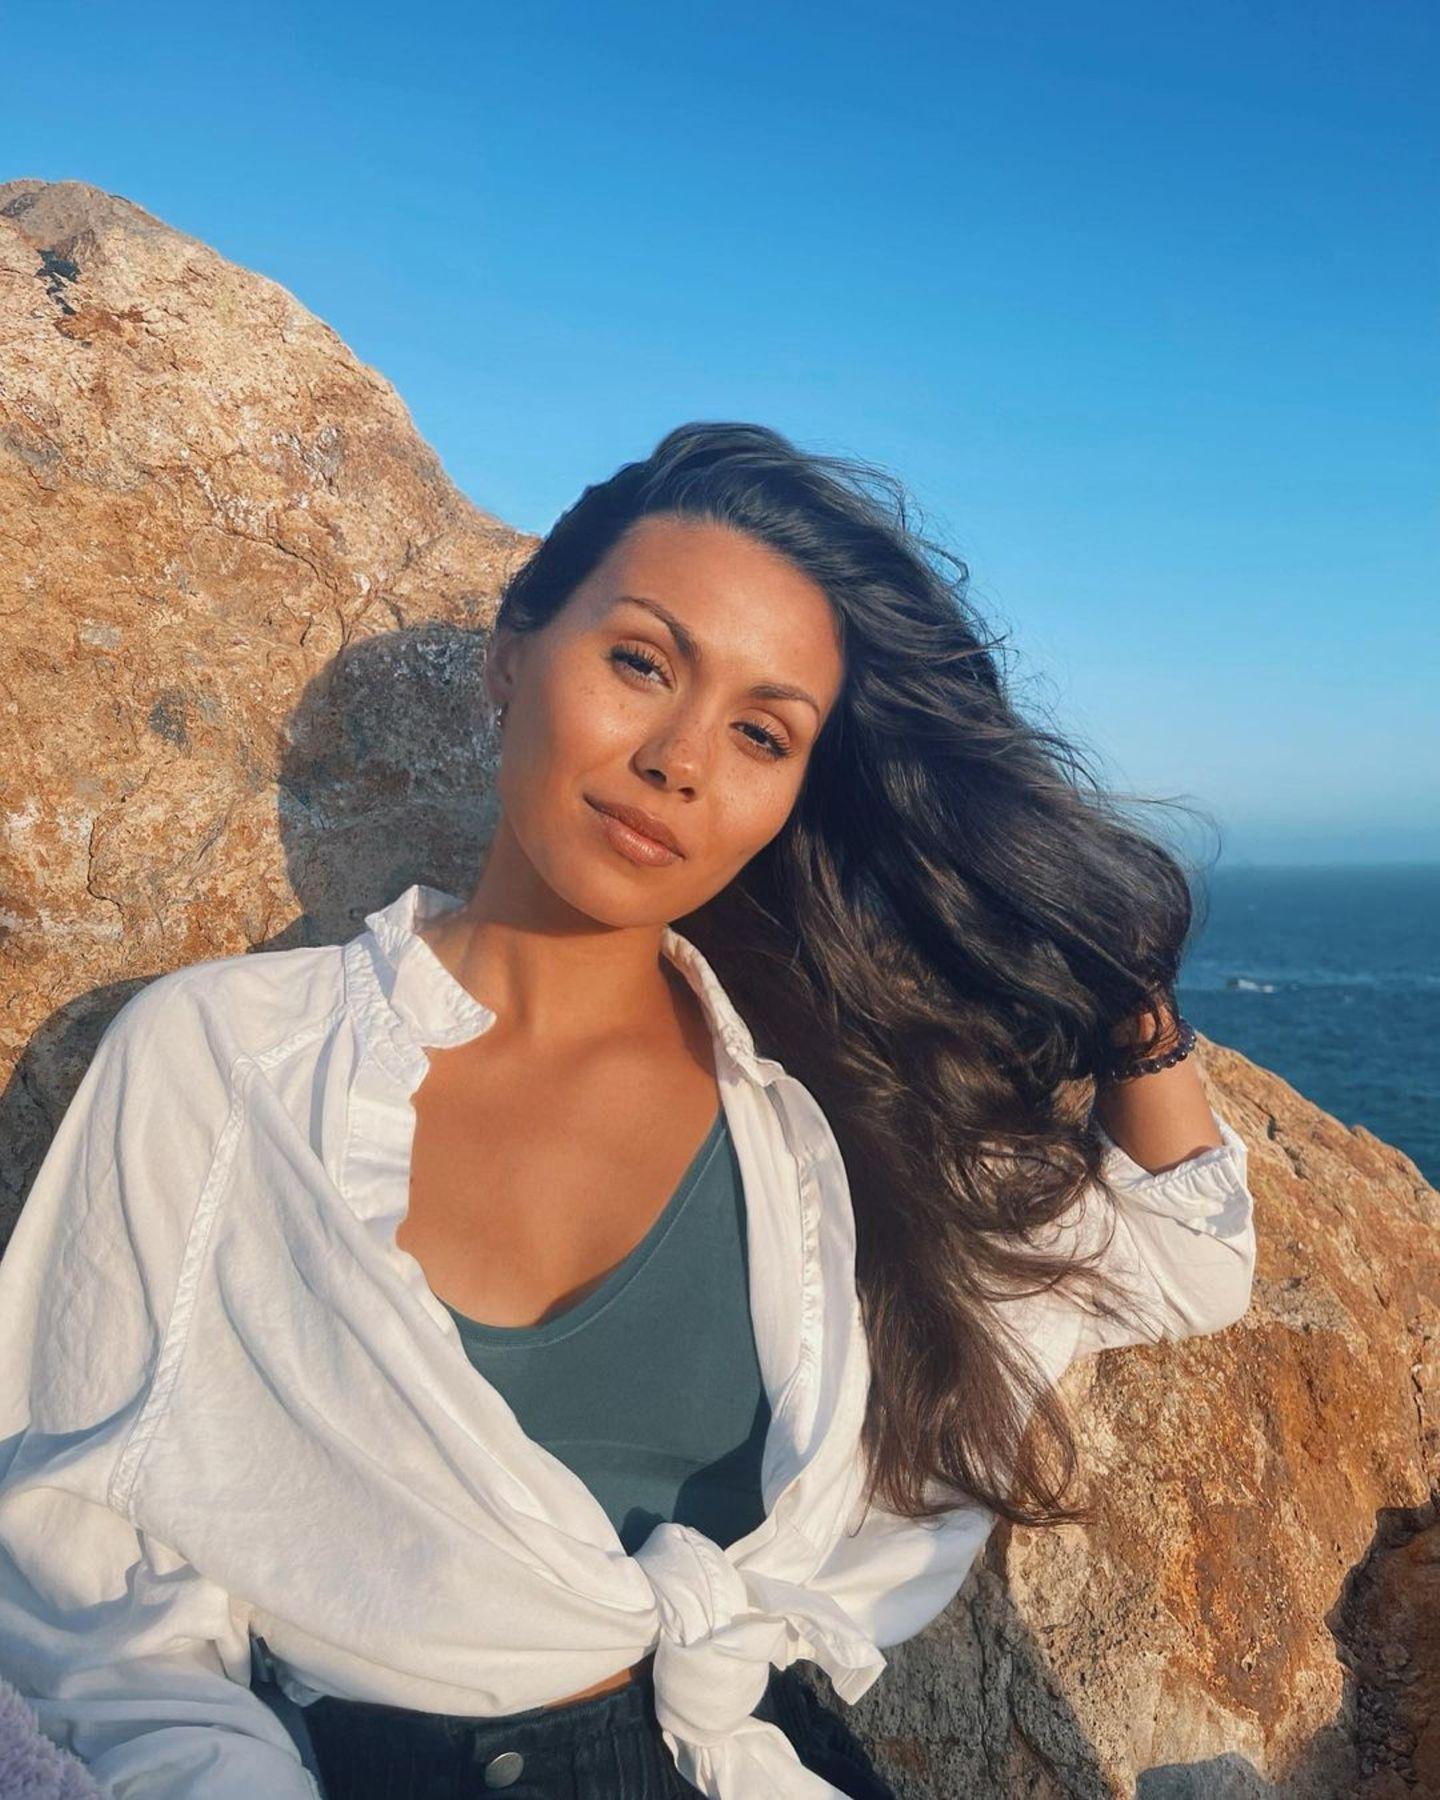 Heute ist die Tochter des Drehbuchautors Martin Olson eine wunderschöne junge Frau geworden! Sie arbeitet immer nochals Schauspielerin, Songwriterin und Synchronsprecherin und lebtmit Hund und Partner in Los Angeles.